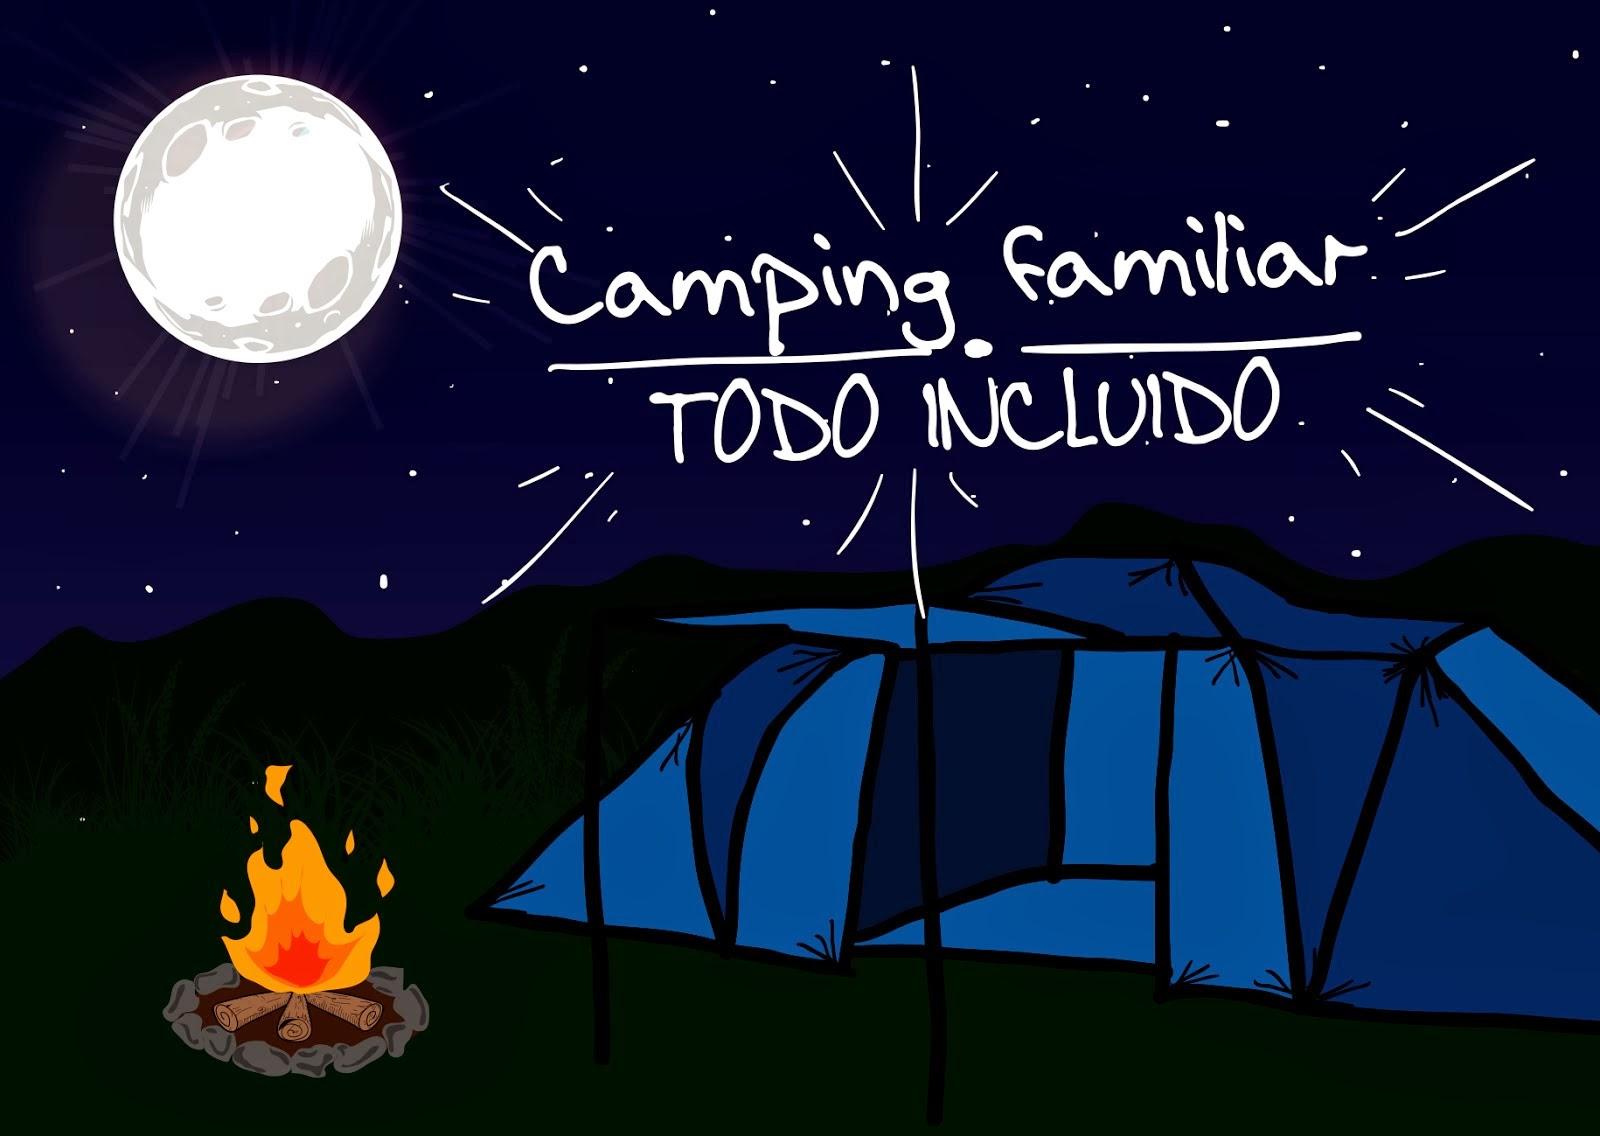 CAMPING FAMILIAR / TODO INCLUIDO